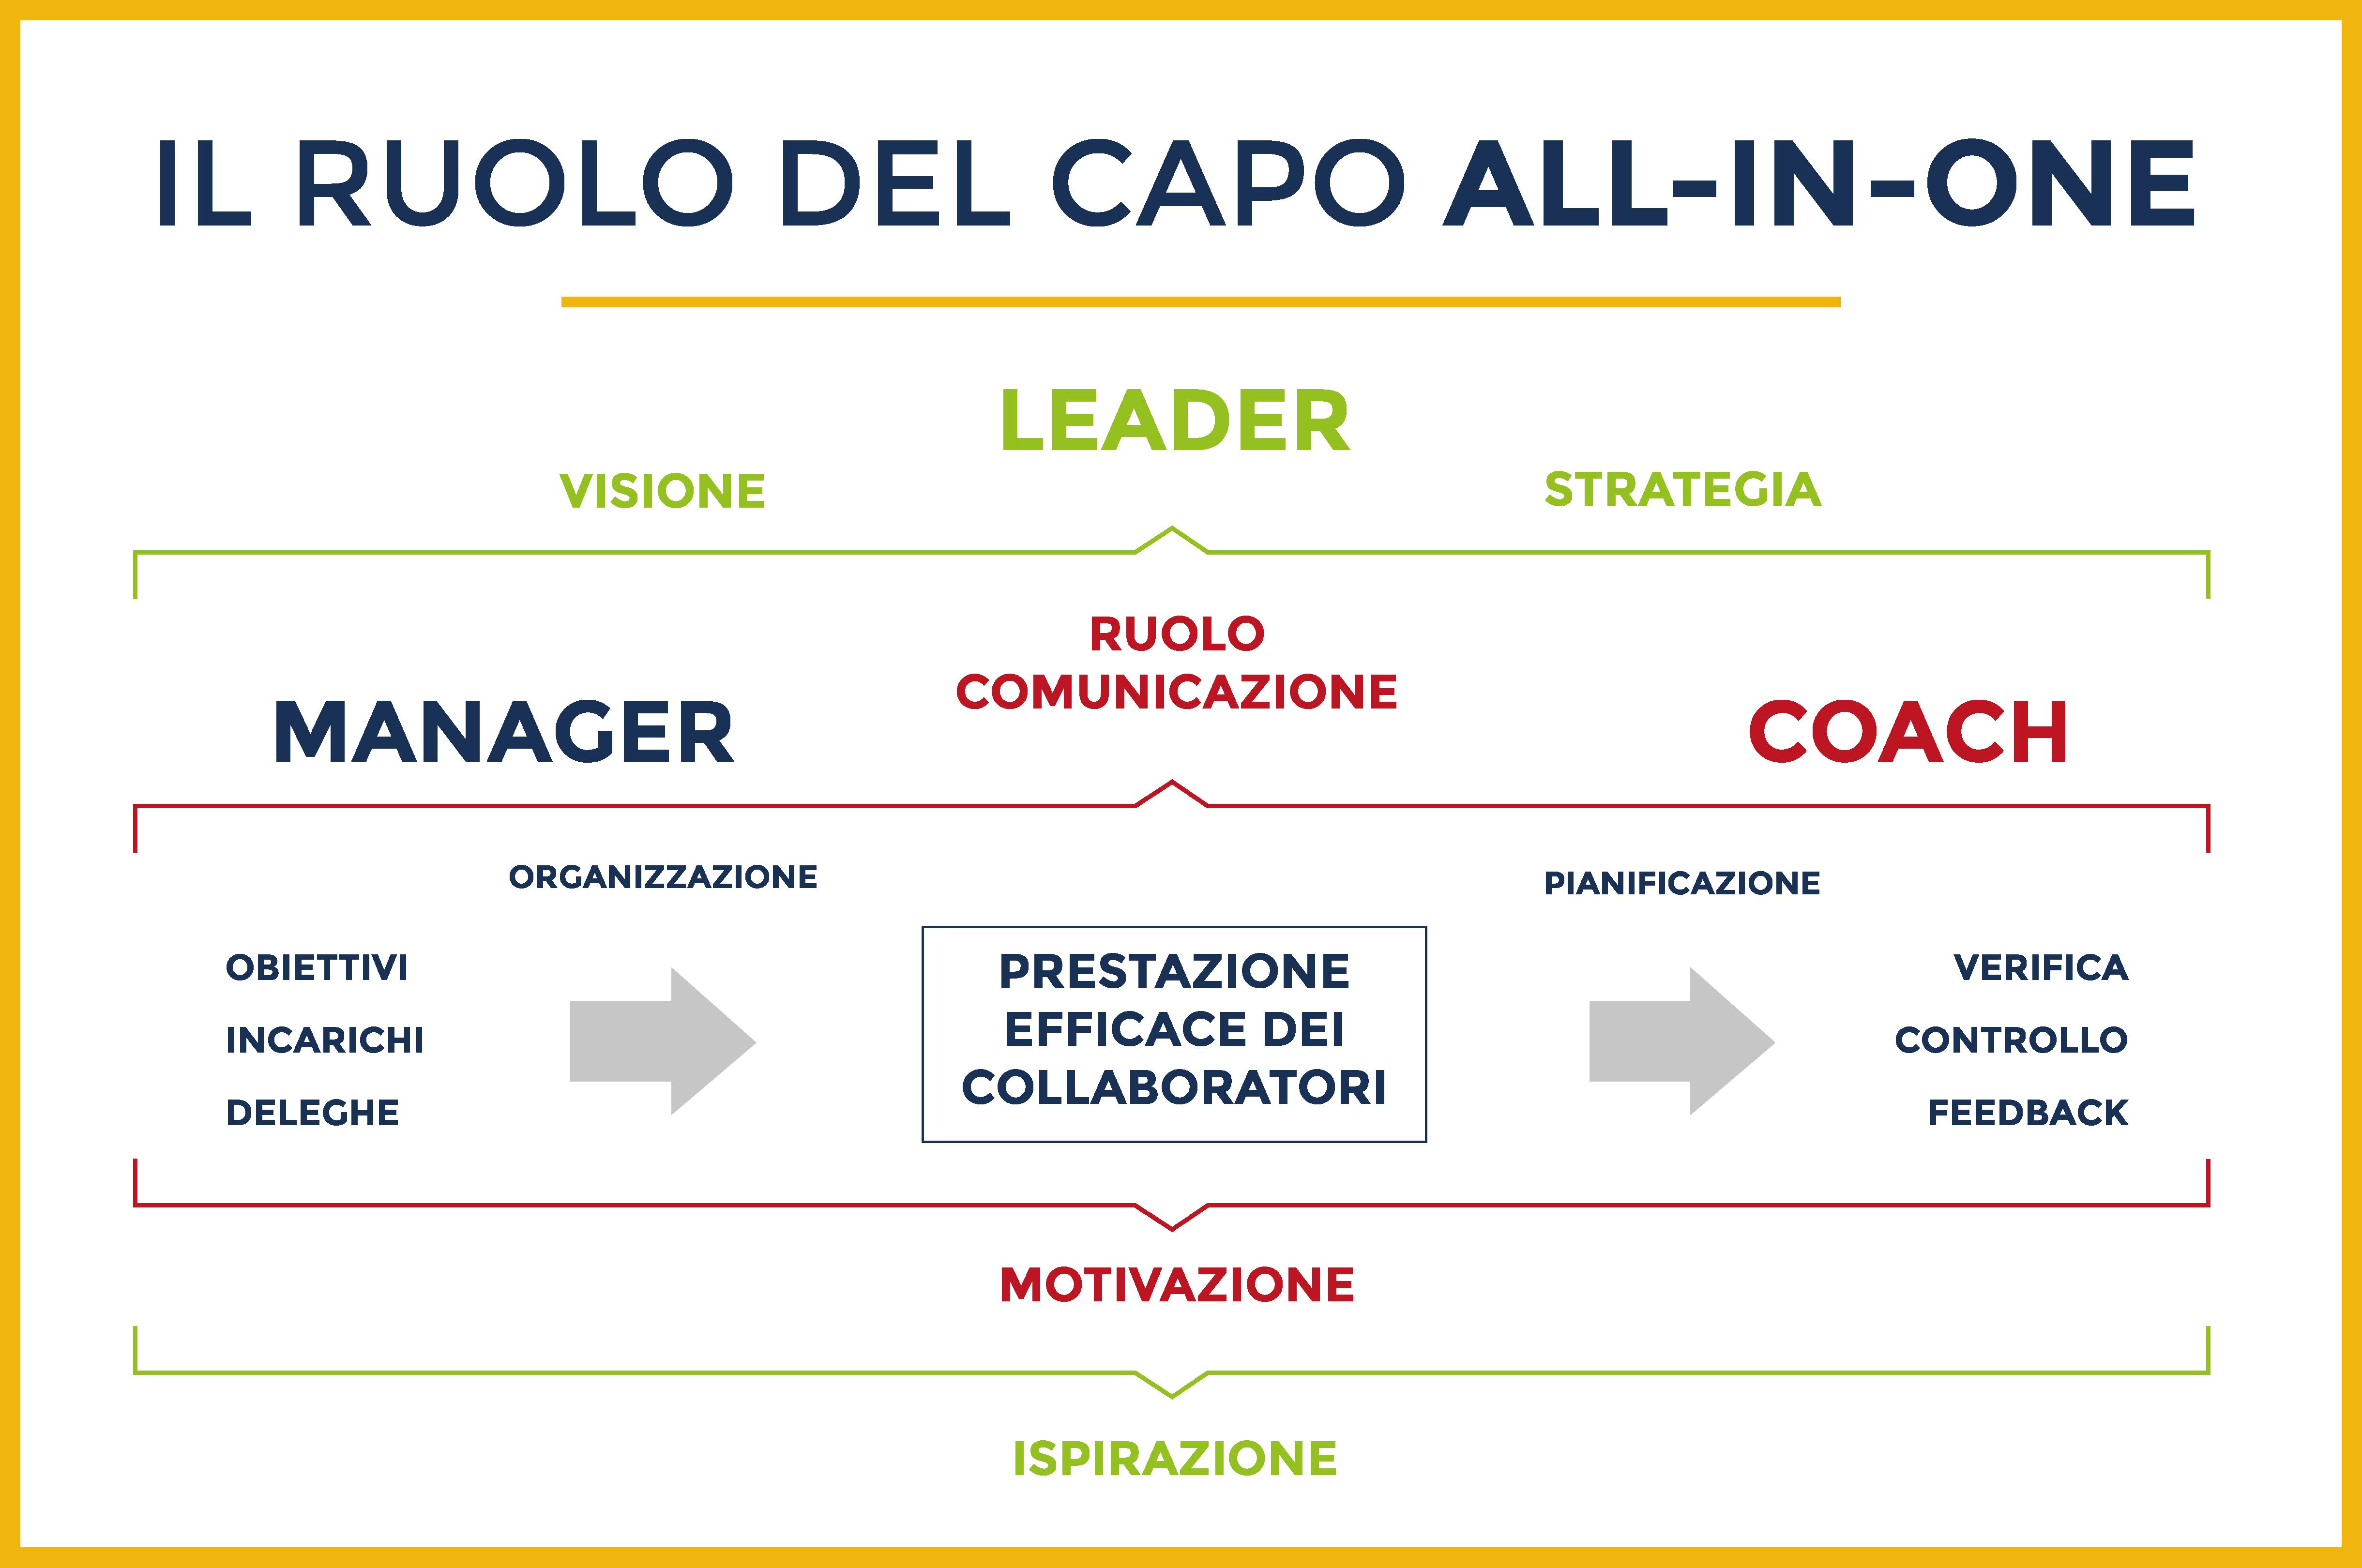 Caretail Il ruolo del capo all-in-one